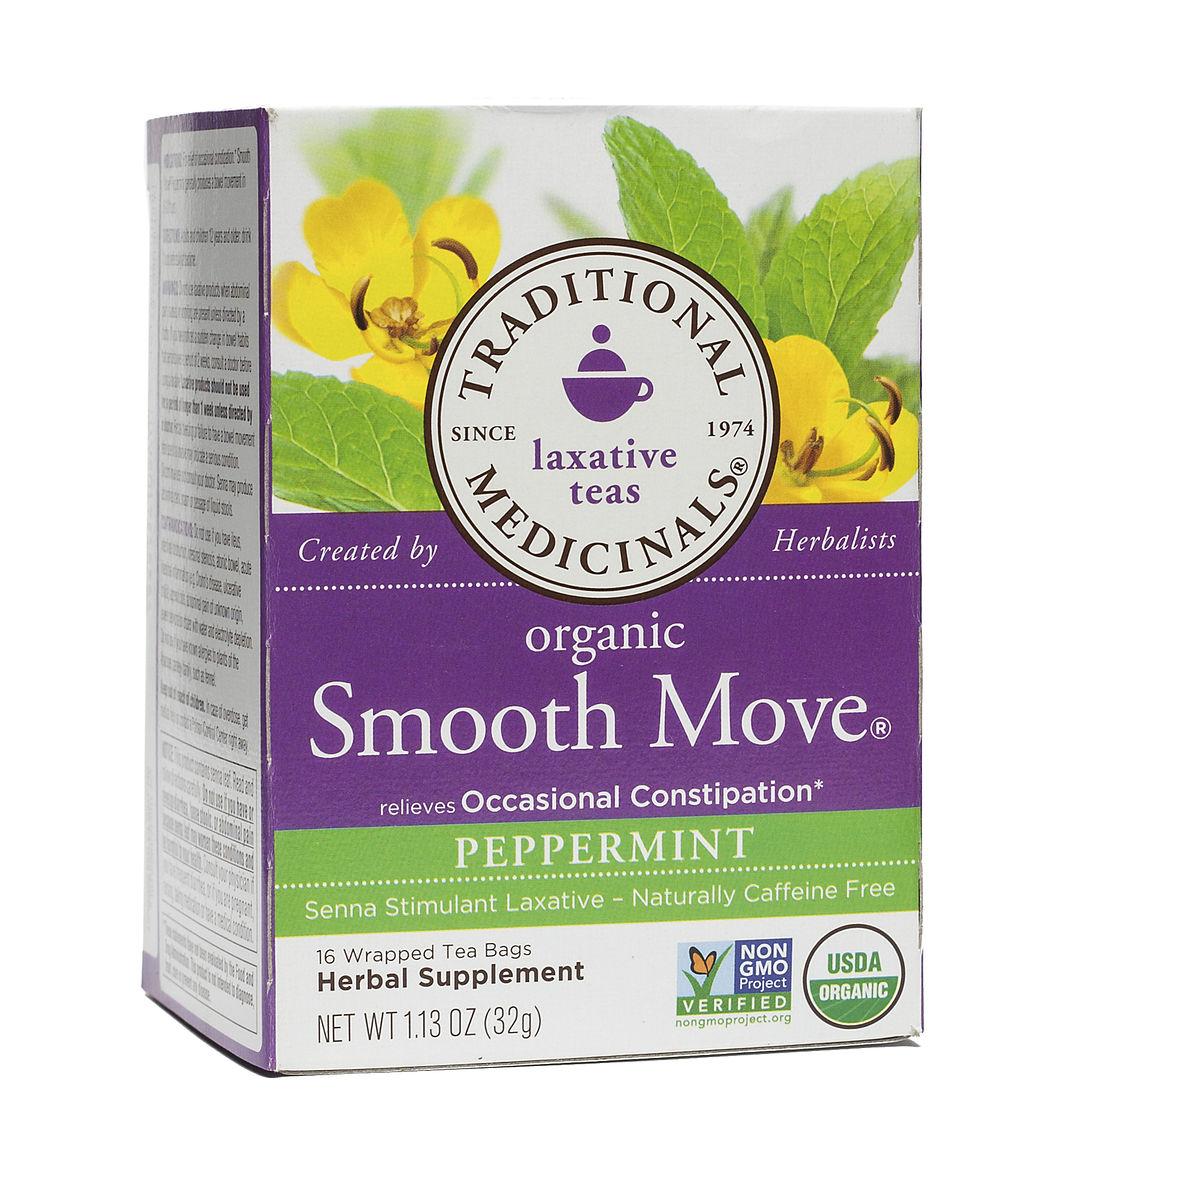 Smoothe move tea